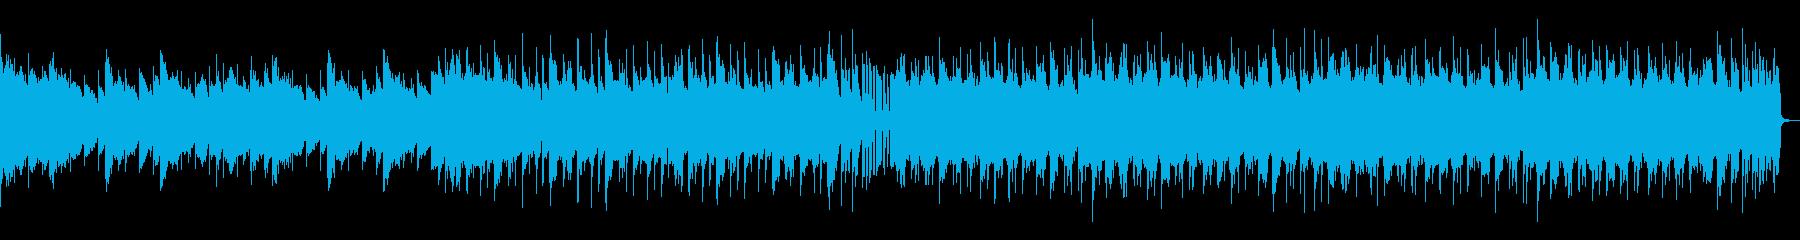 きらびやかなハウス_No656_3の再生済みの波形